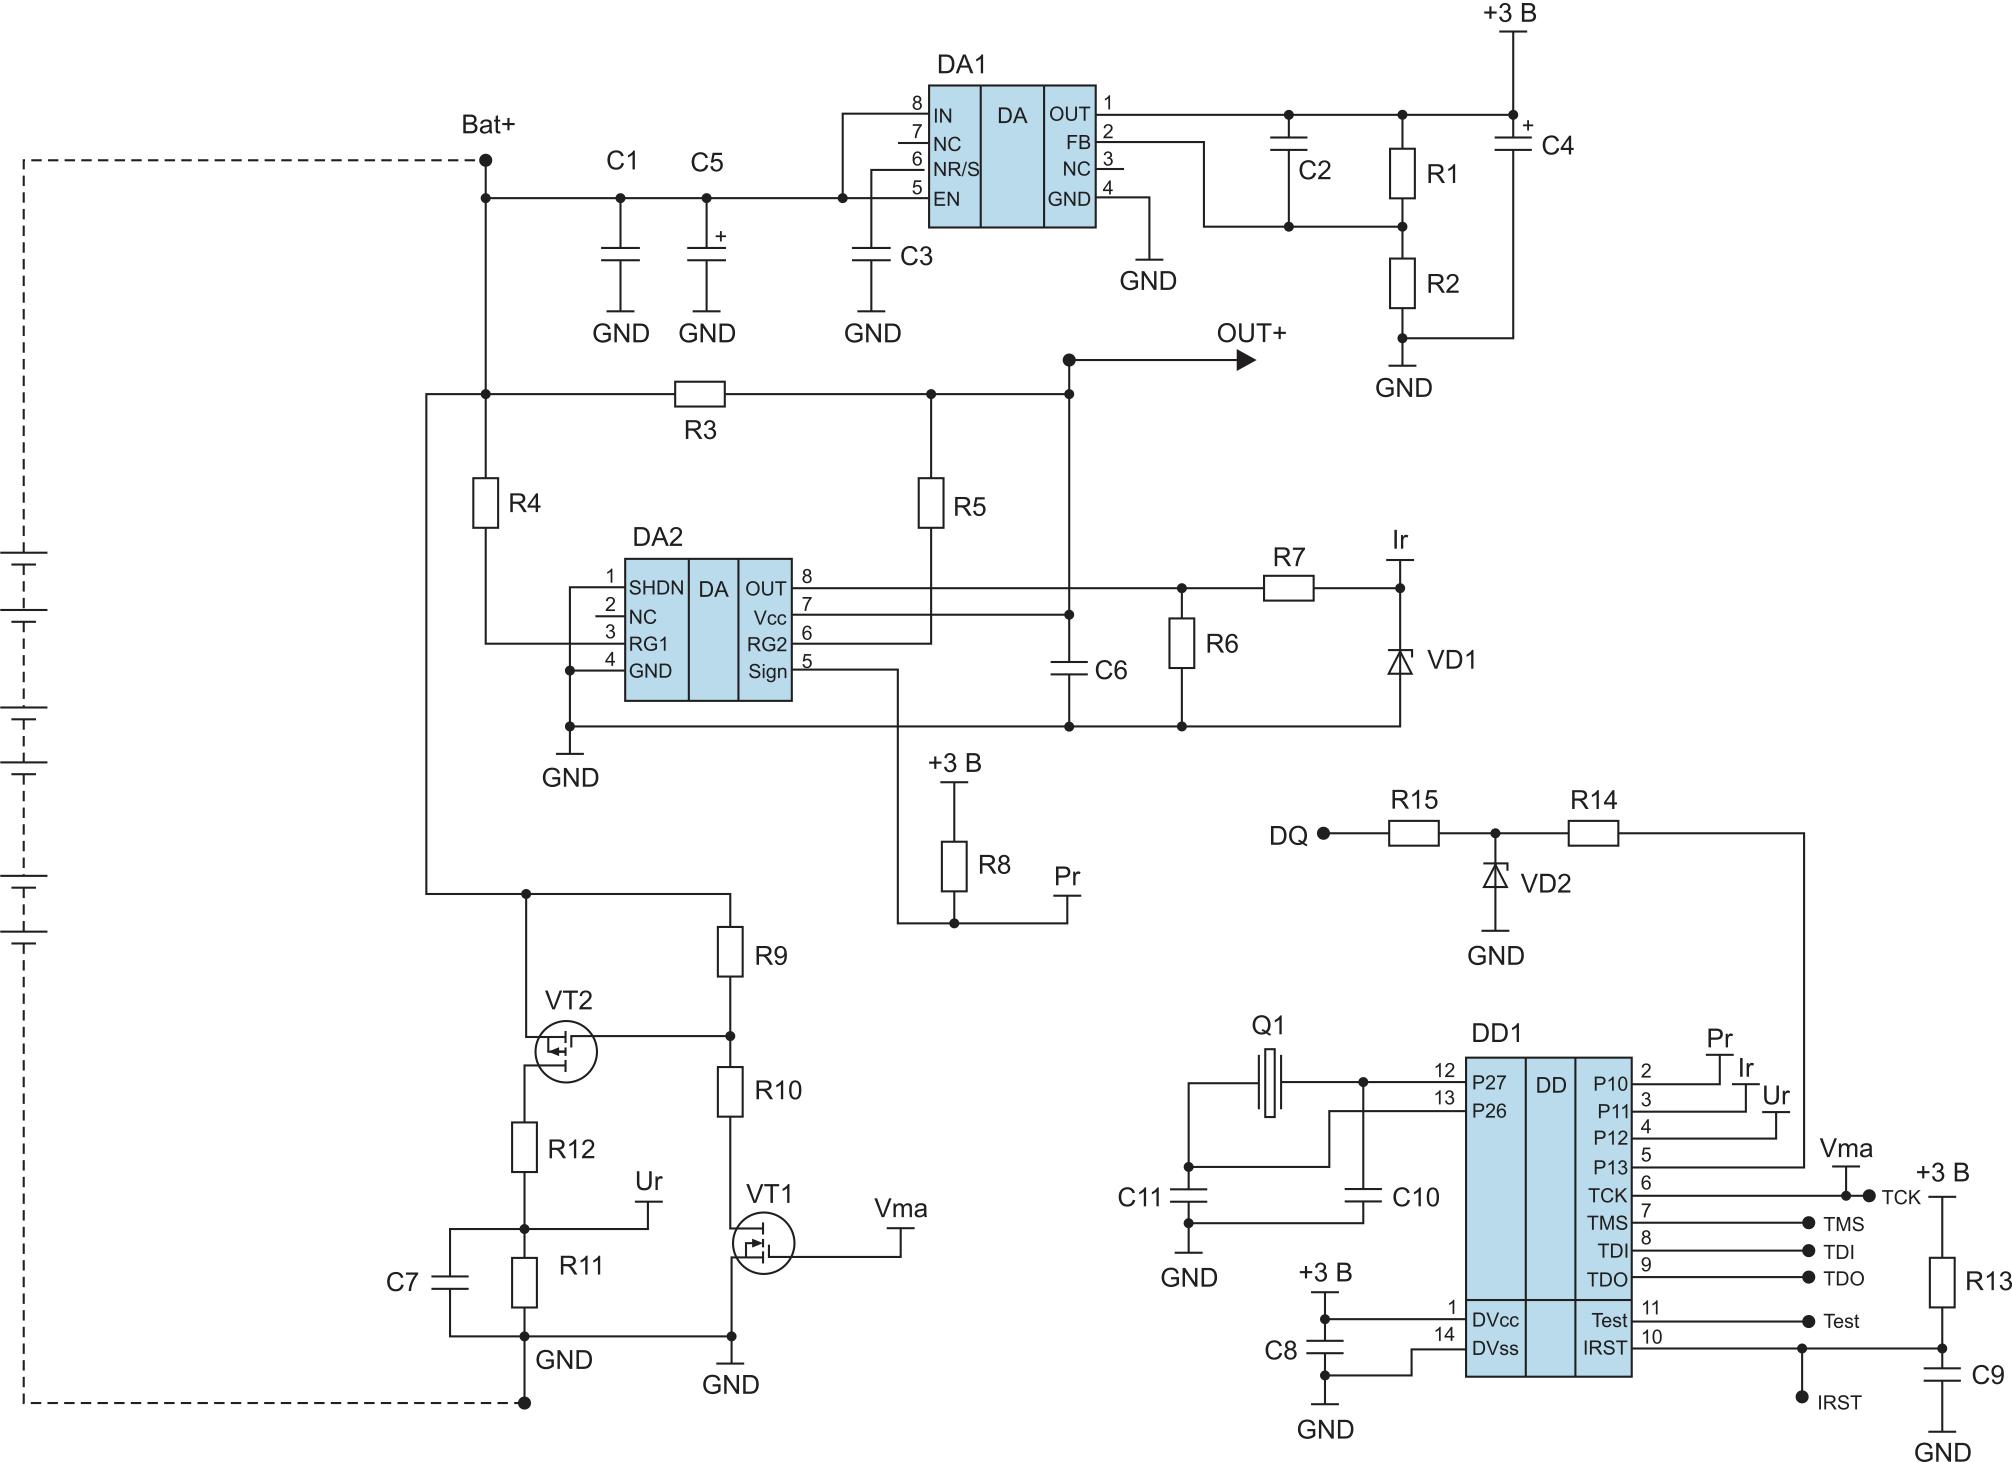 Схема устройства оценки остаточной емкости ХИТ на элементной базе общего назначения